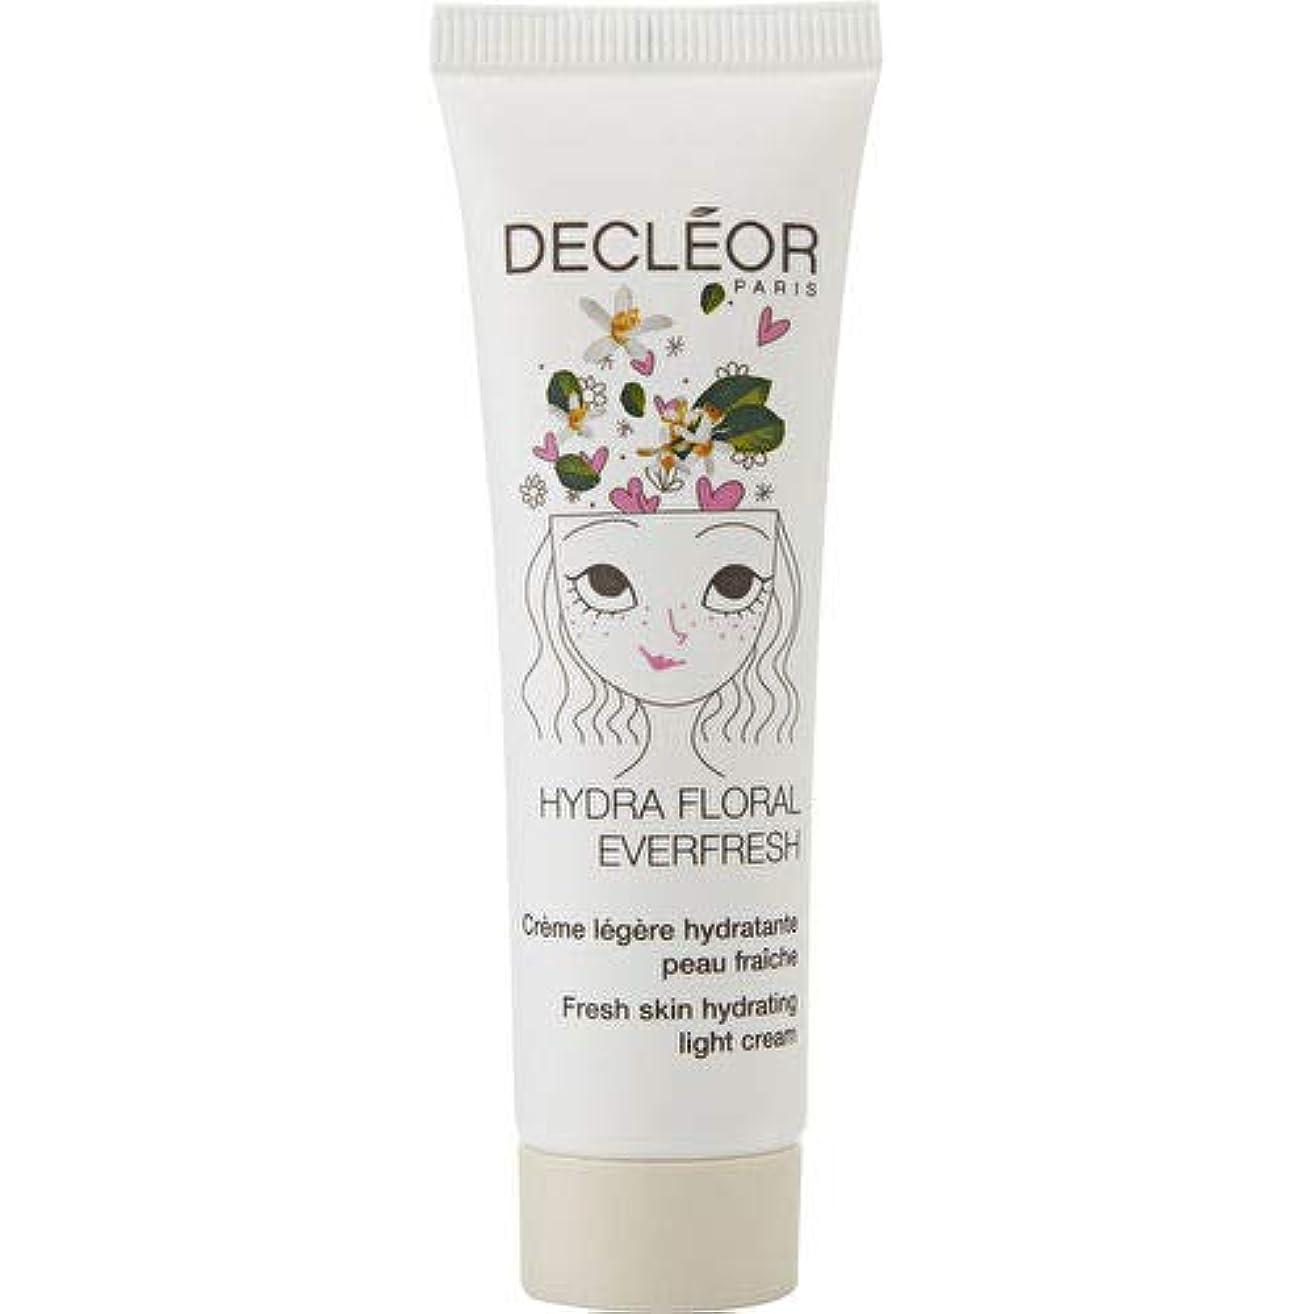 説明するアルプス舗装するデクレオール Hydra Floral Everfresh Fresh Skin Hydrating Light Cream - For Dehydrated Skin 30ml/1oz並行輸入品